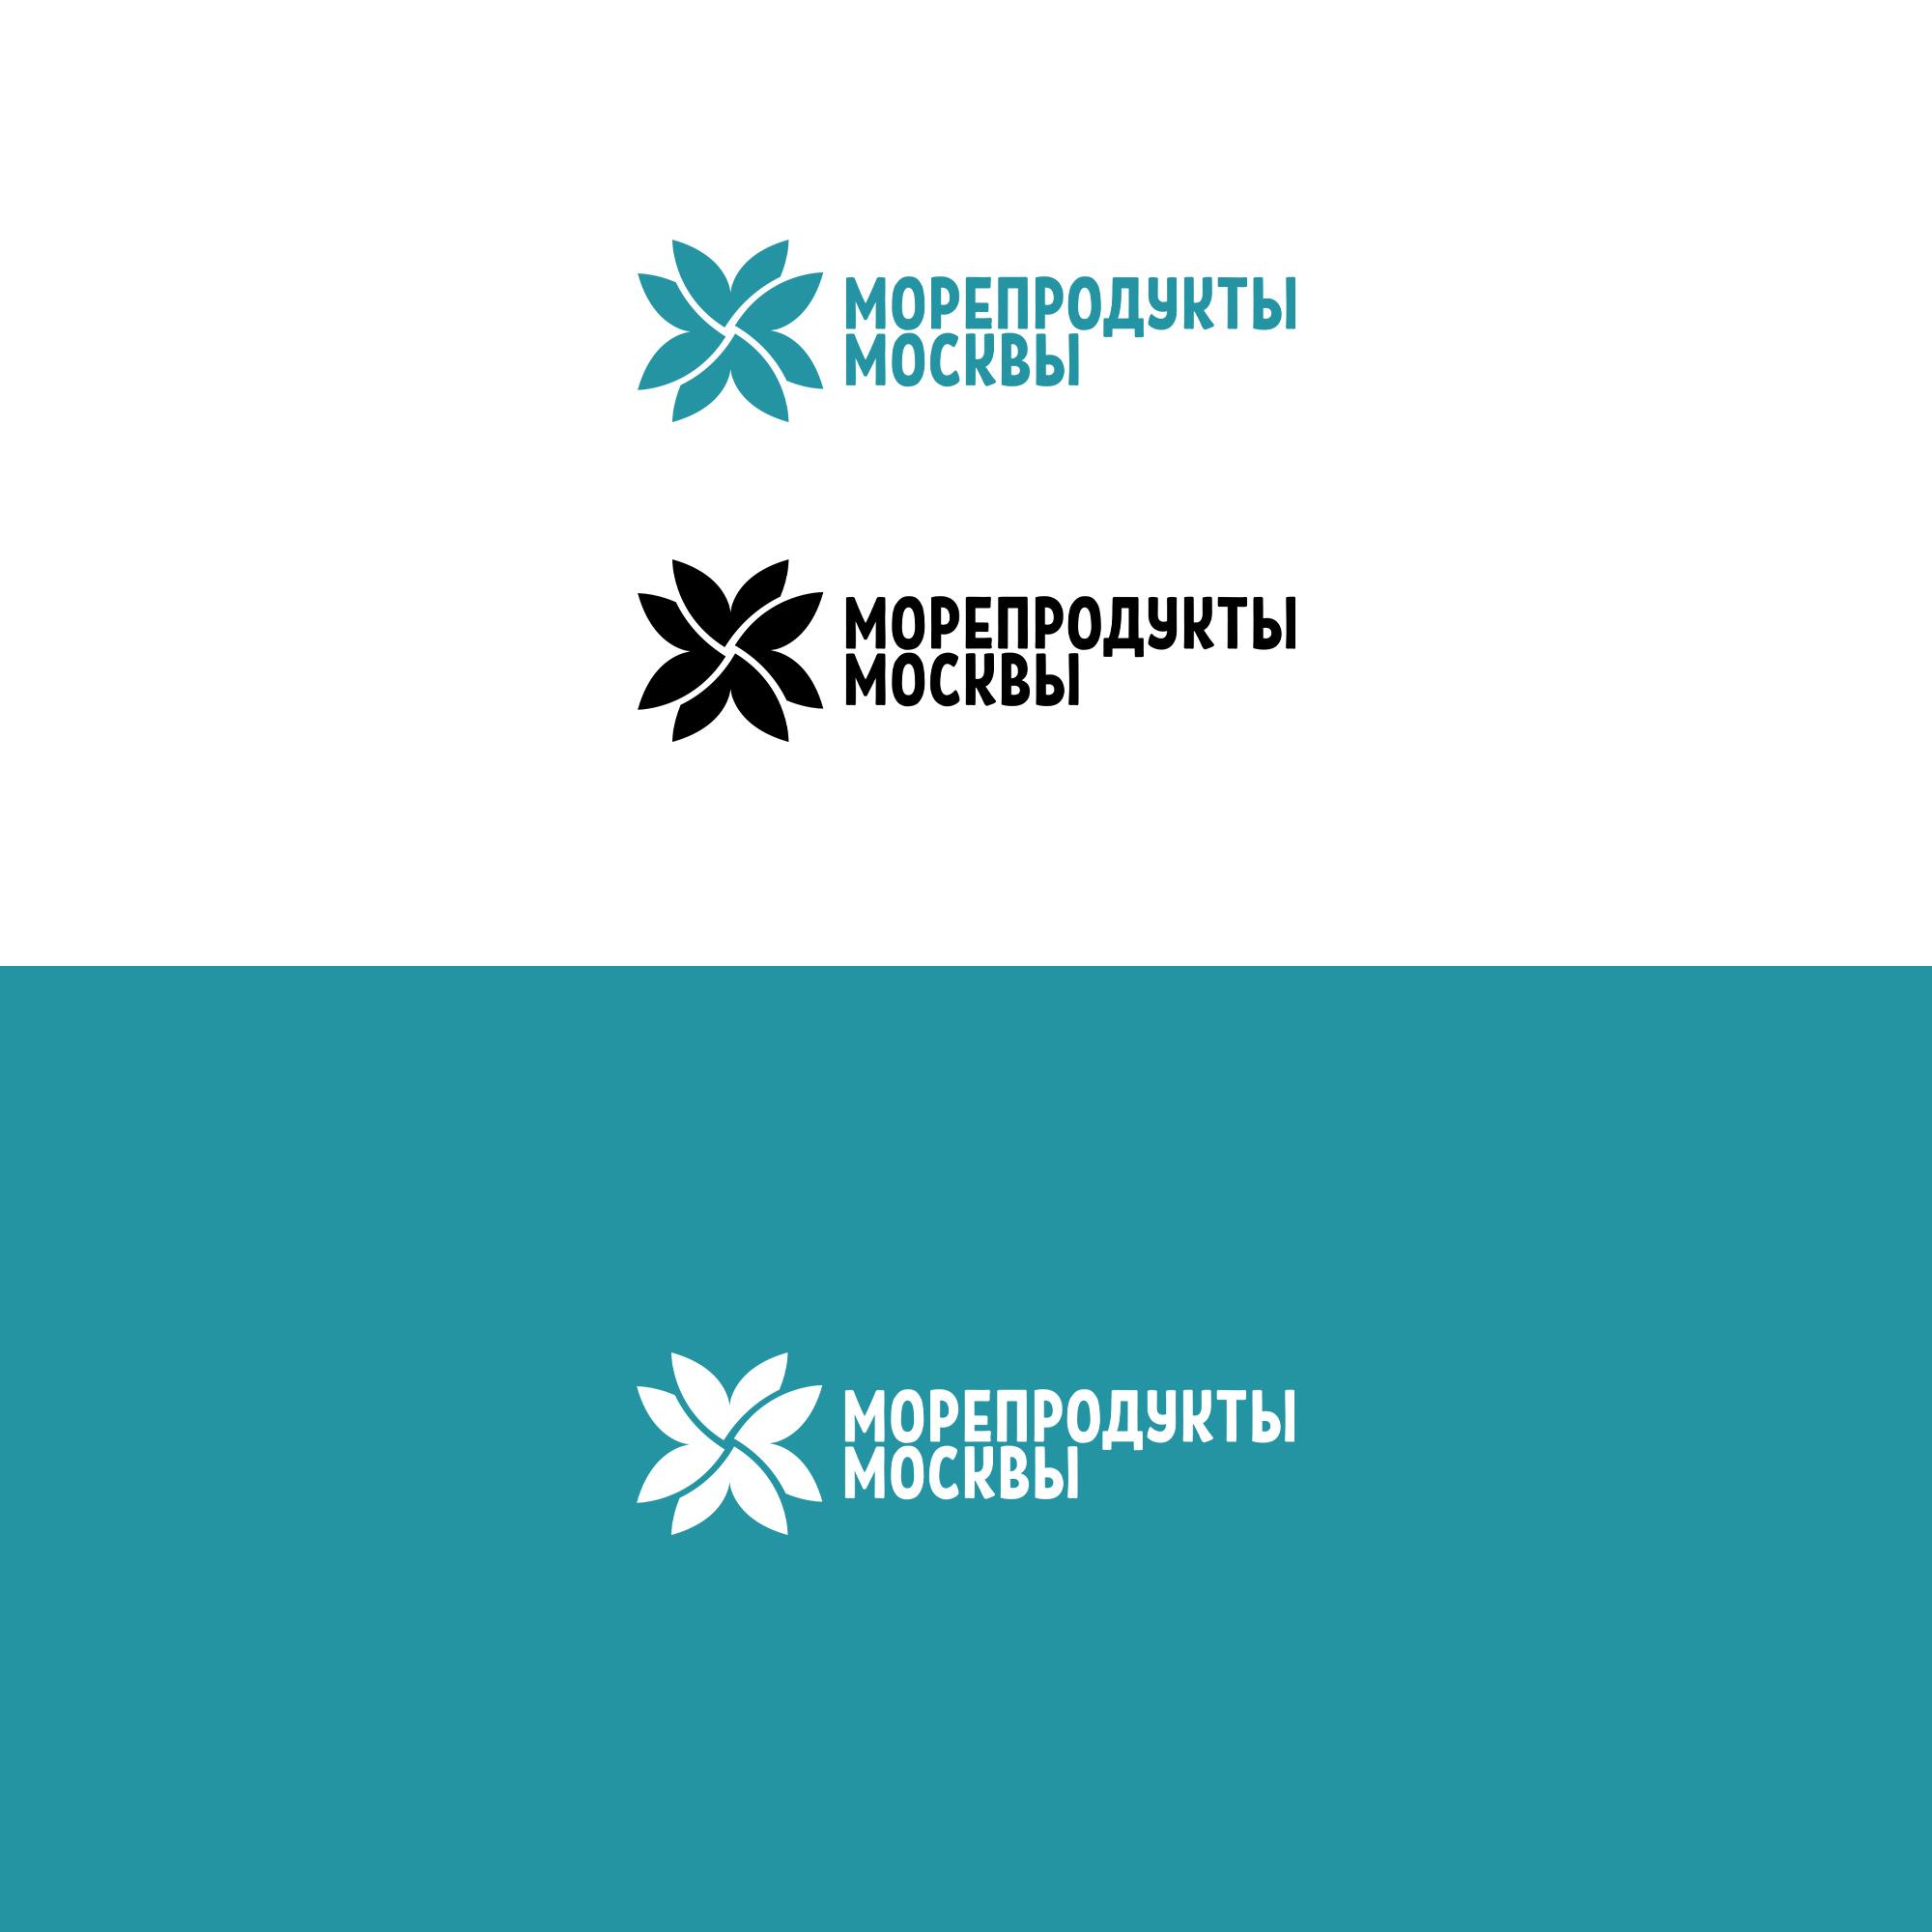 Разработать логотип.  фото f_6275ec6e2fc1d5ff.jpg